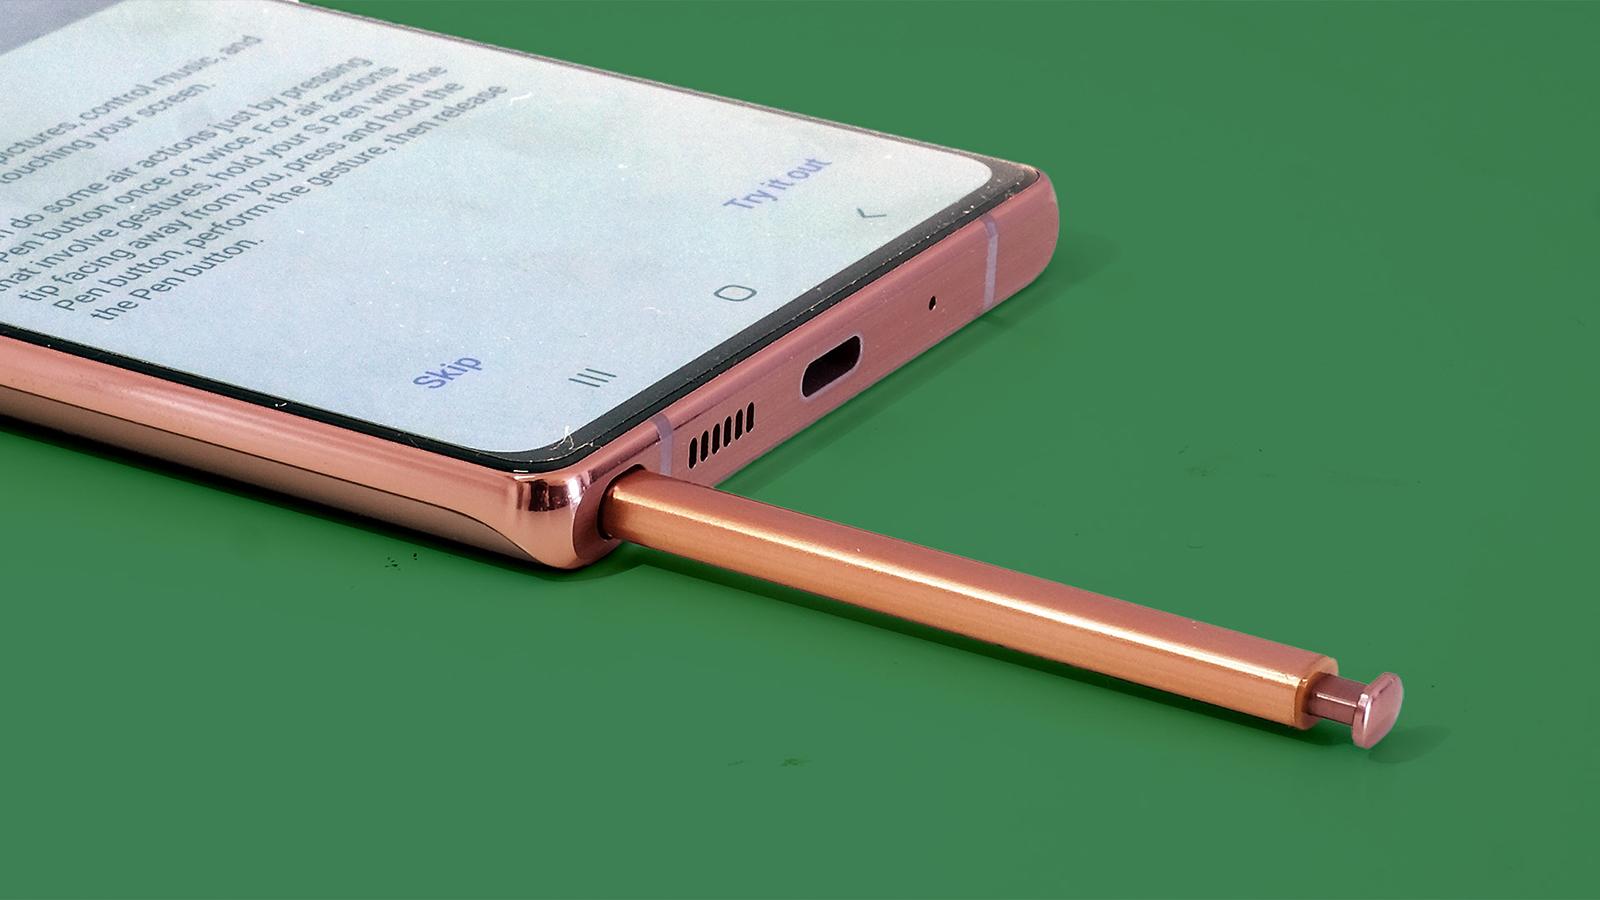 El Samsung Galaxy Note 20 con su lápiz medio insertado en la ranura